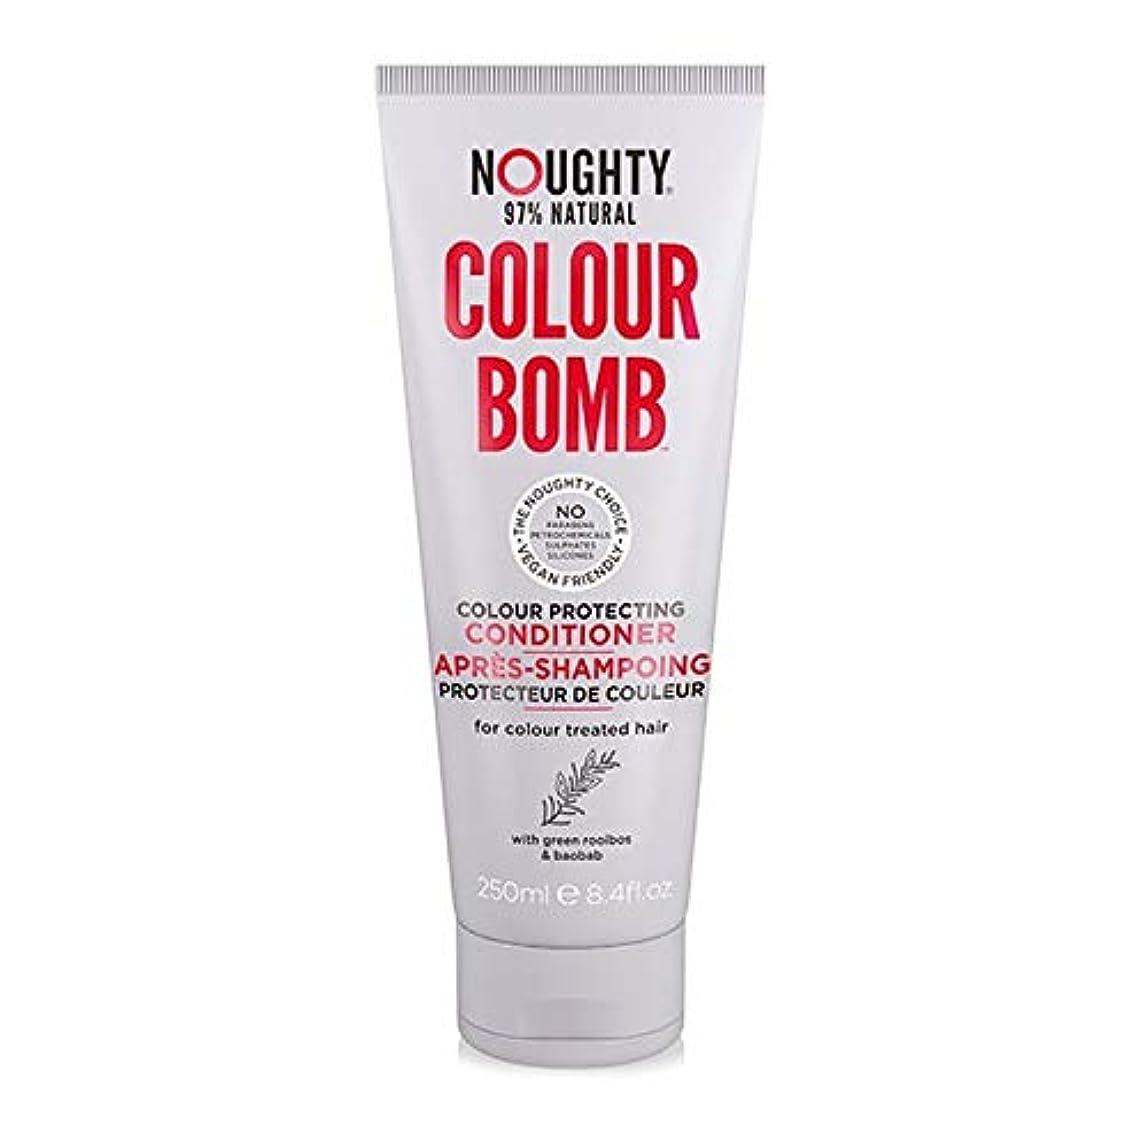 添付有益な境界[Noughty] コンディショナー250Mlを保護Noughtyカラー爆弾の色 - Noughty Colour Bomb Colour Protecting Conditioner 250ml [並行輸入品]